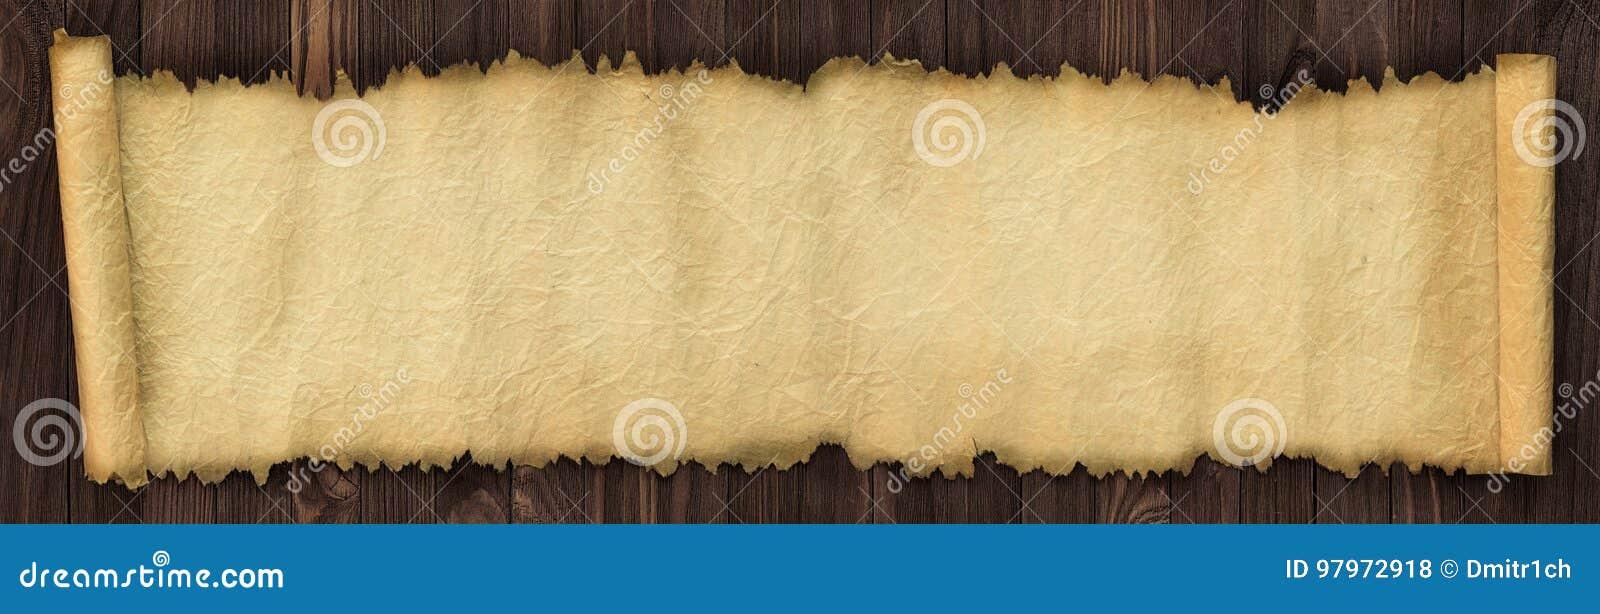 Otwiera antyczną ślimacznicę na drewnianym stole, panoramiczny papierowy backgroun